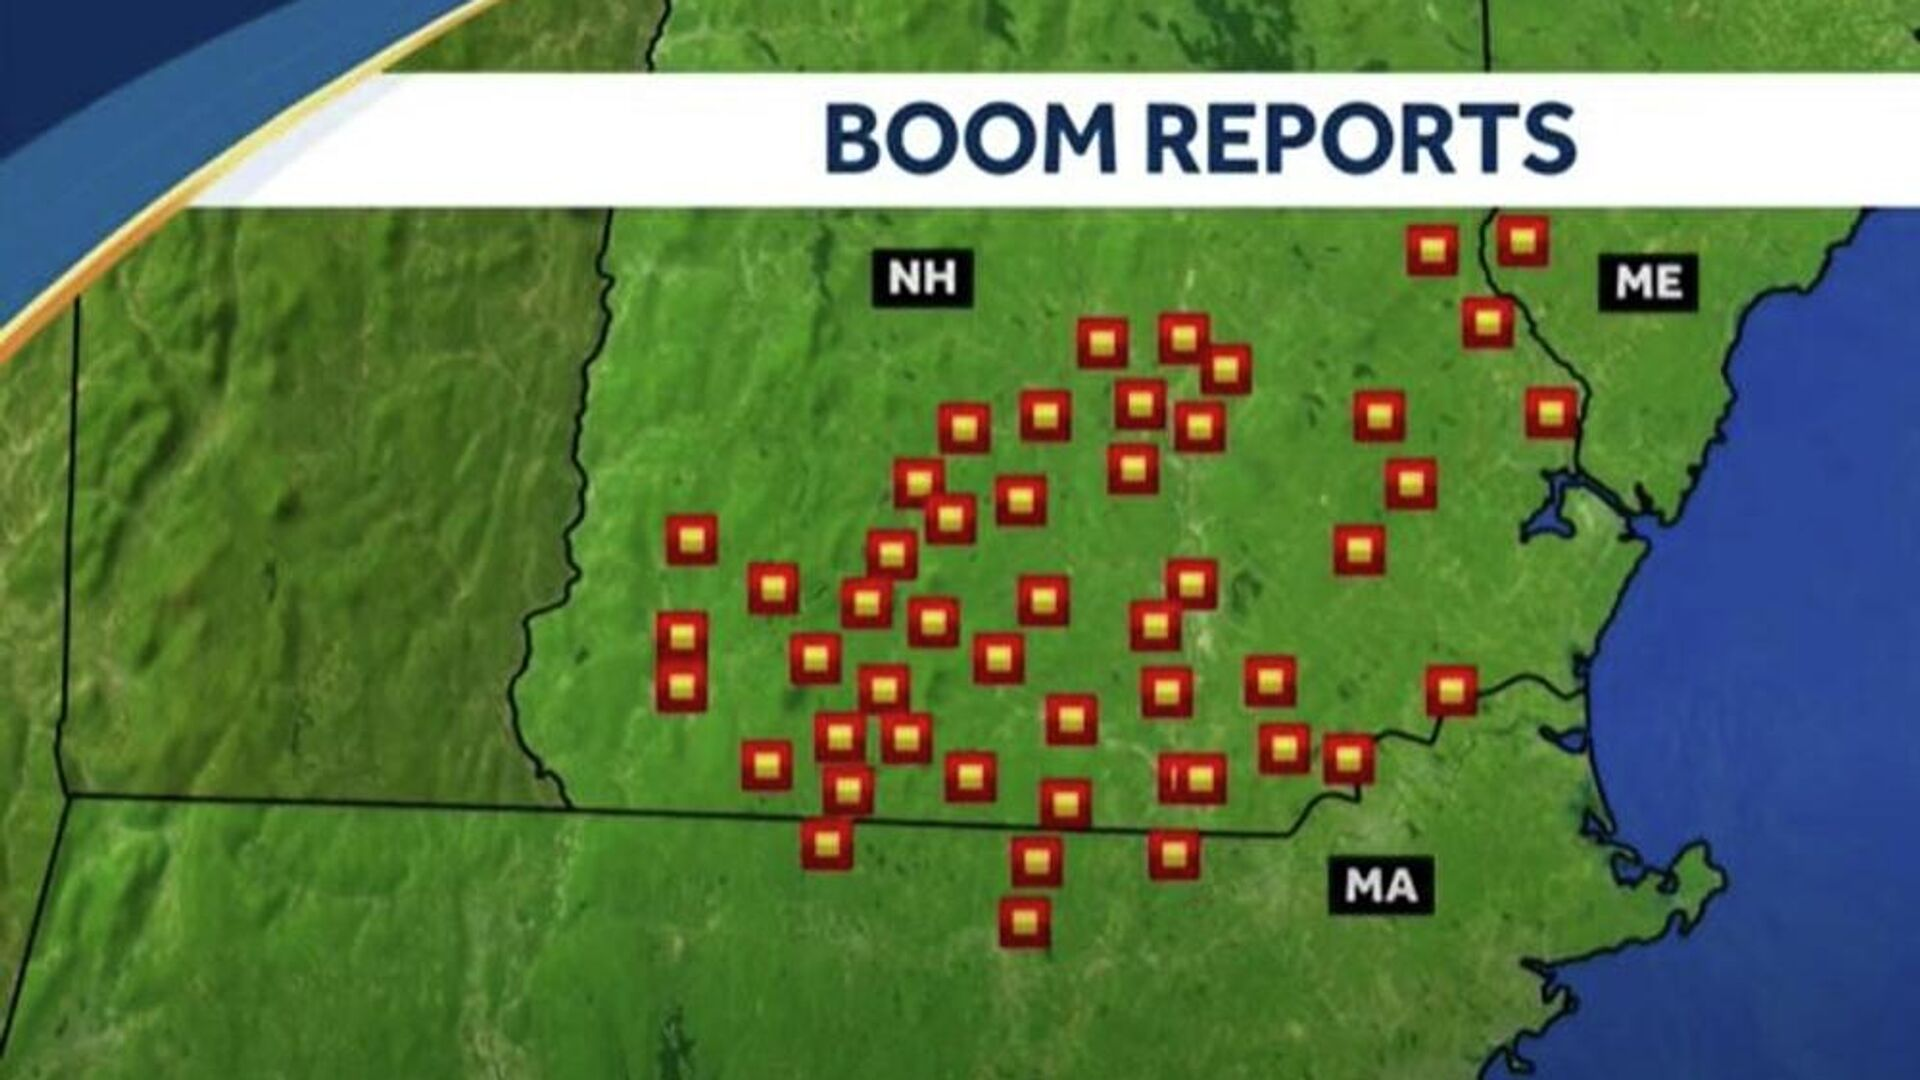 Ανεξήγητος θόρυβος αναστάτωσε τους κατοίκους σε Νιου Χαμσάιρ και Μασαχουσέτη στις ΗΠΑ - Sputnik Ελλάδα, 1920, 13.10.2021